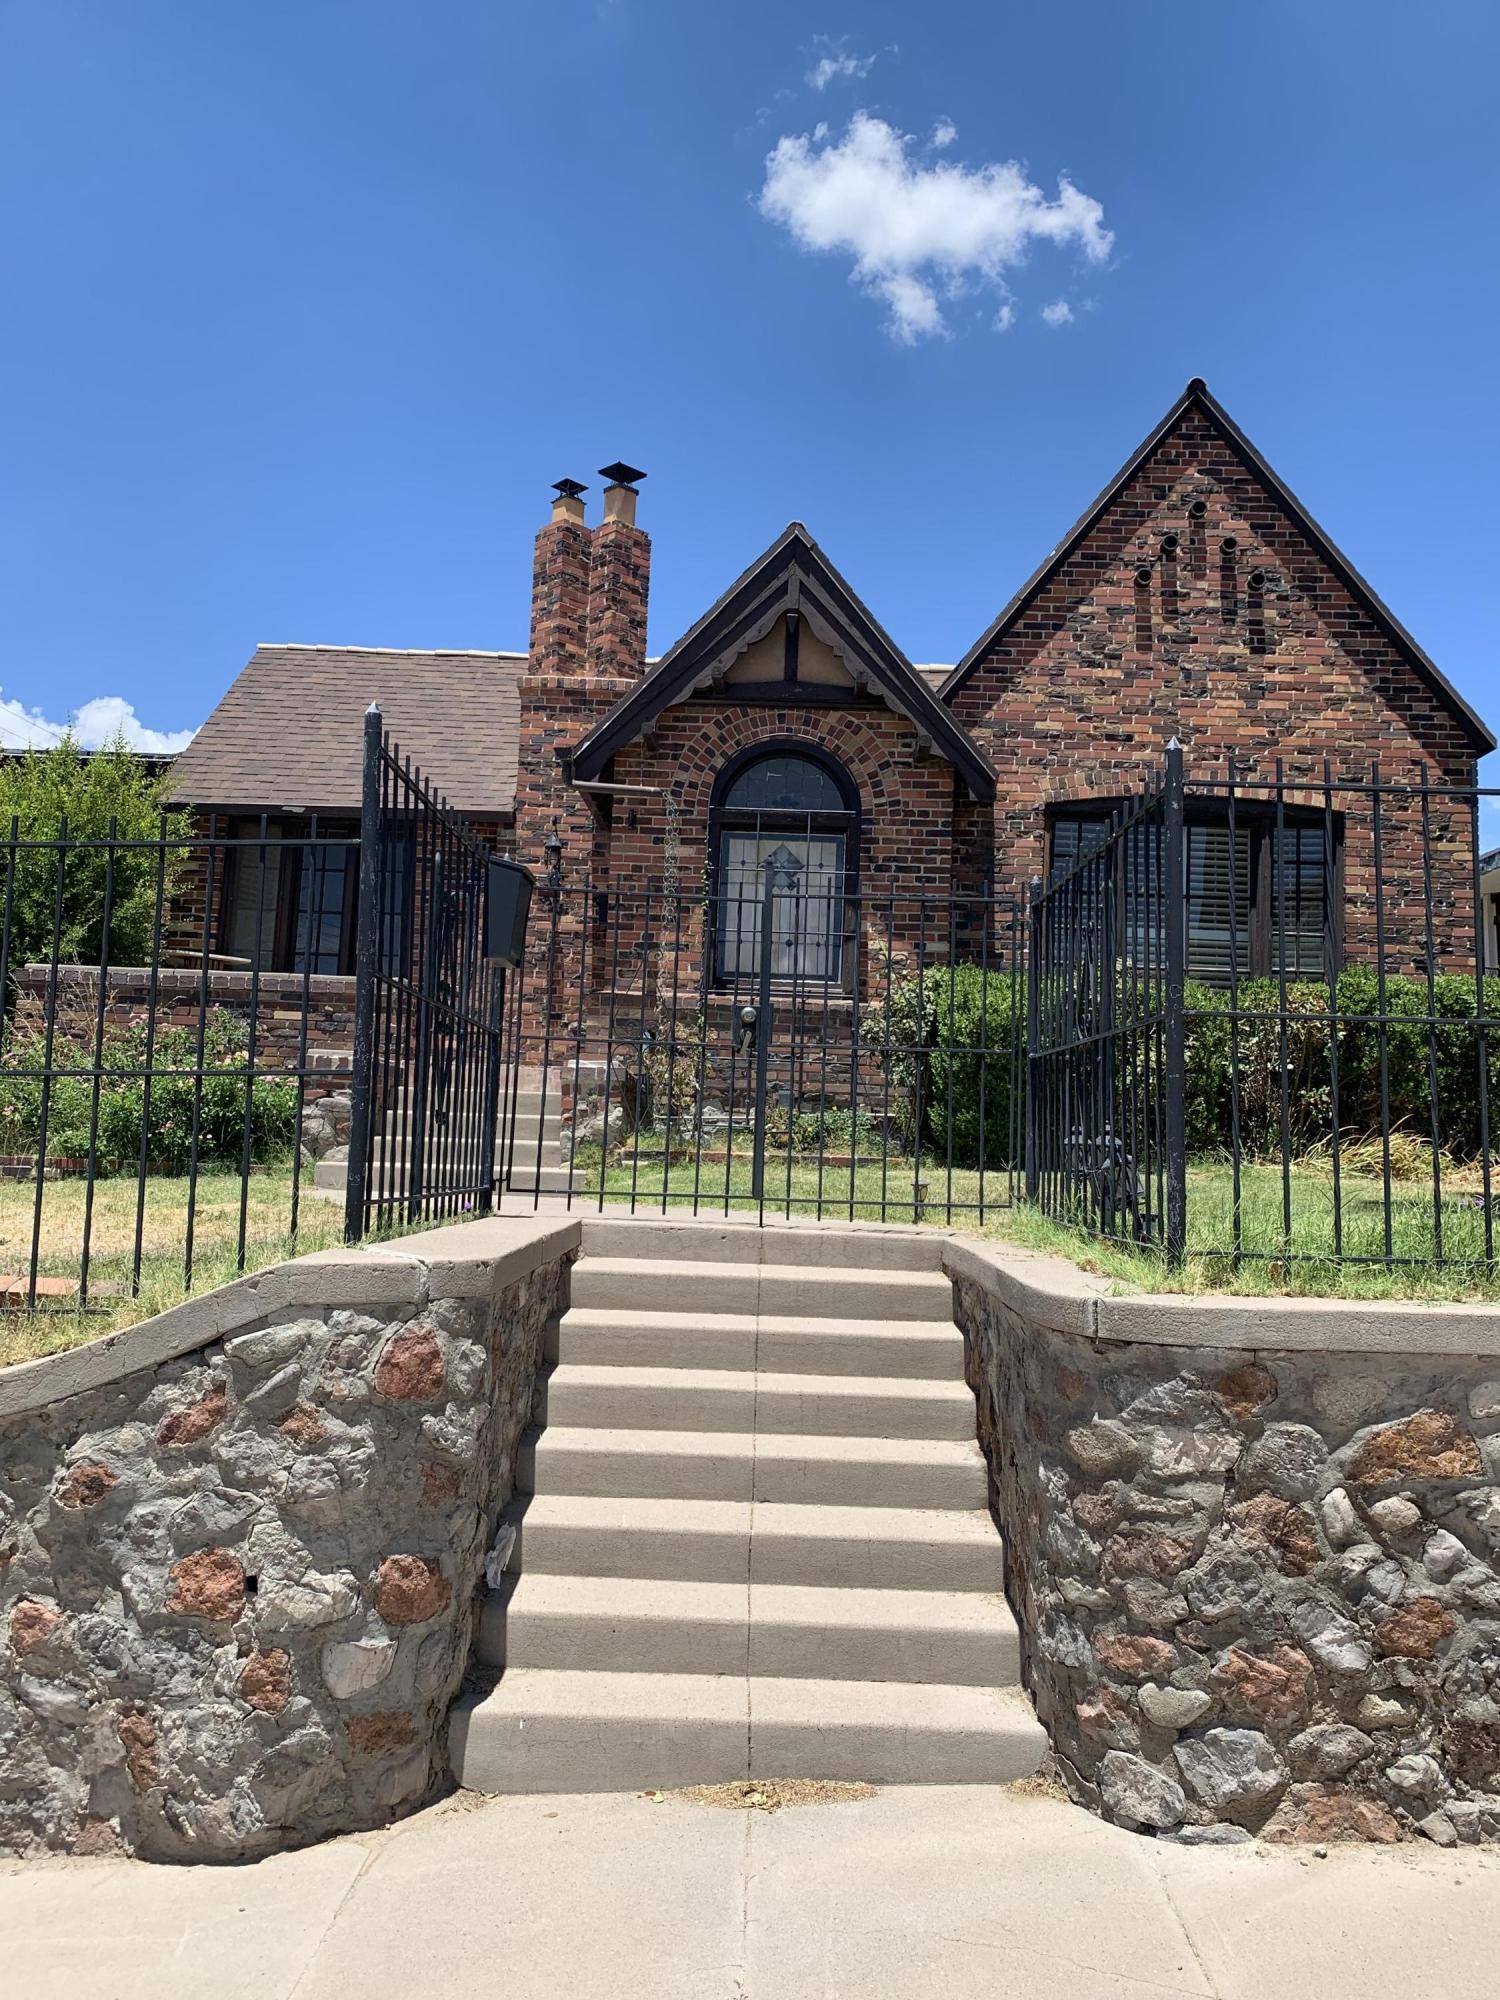 215 BLACKER Avenue, El Paso, Texas 79902, ,2 BathroomsBathrooms,Residential Rental,For Rent,BLACKER,815523